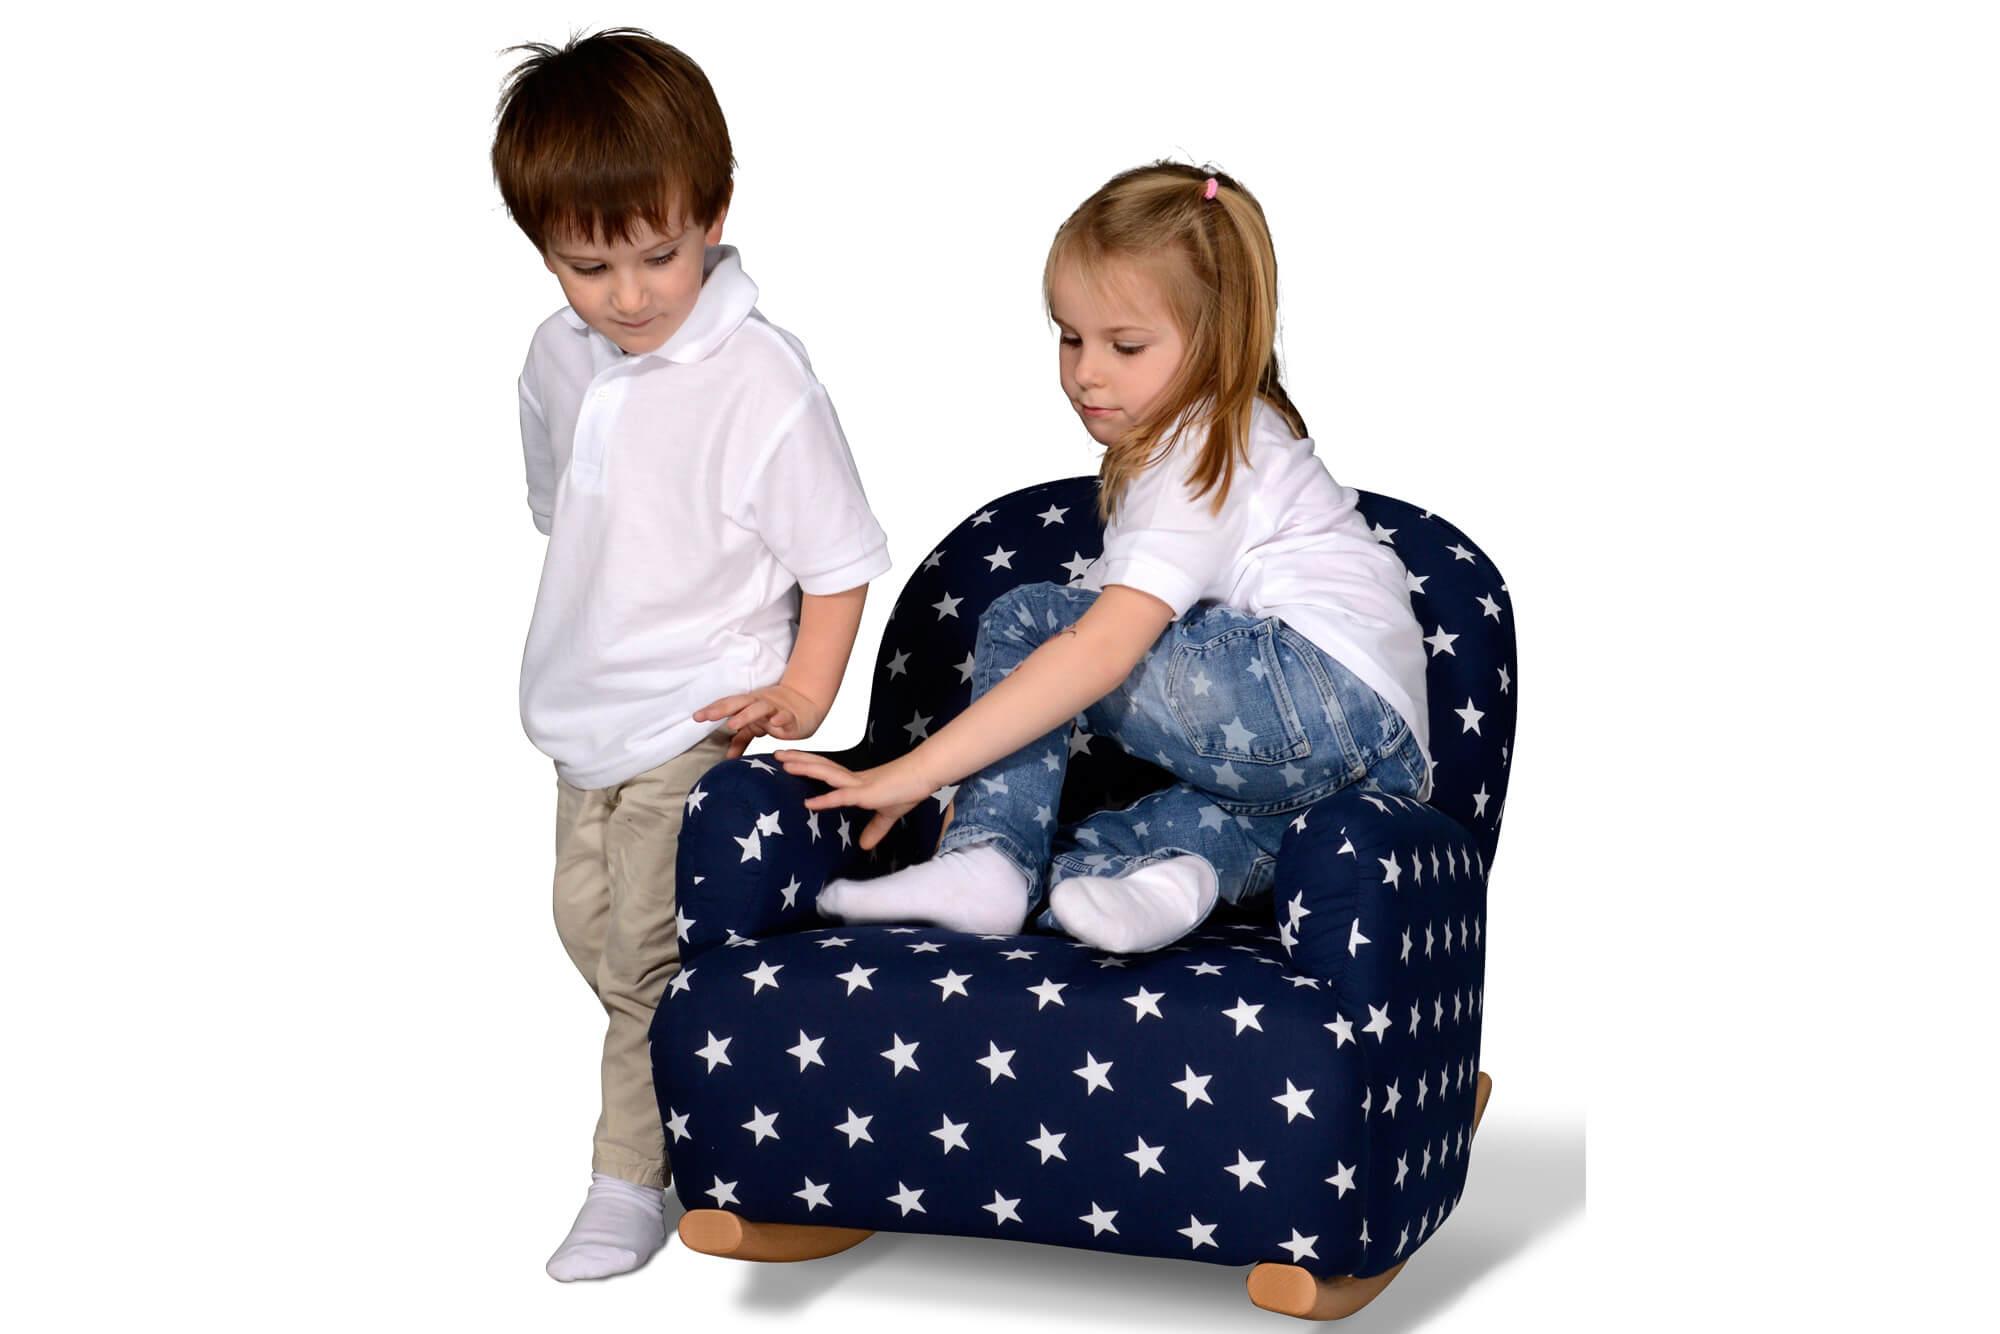 bequemer kindersessel mit schaukelkufen aus holz kinderzimmer. Black Bedroom Furniture Sets. Home Design Ideas